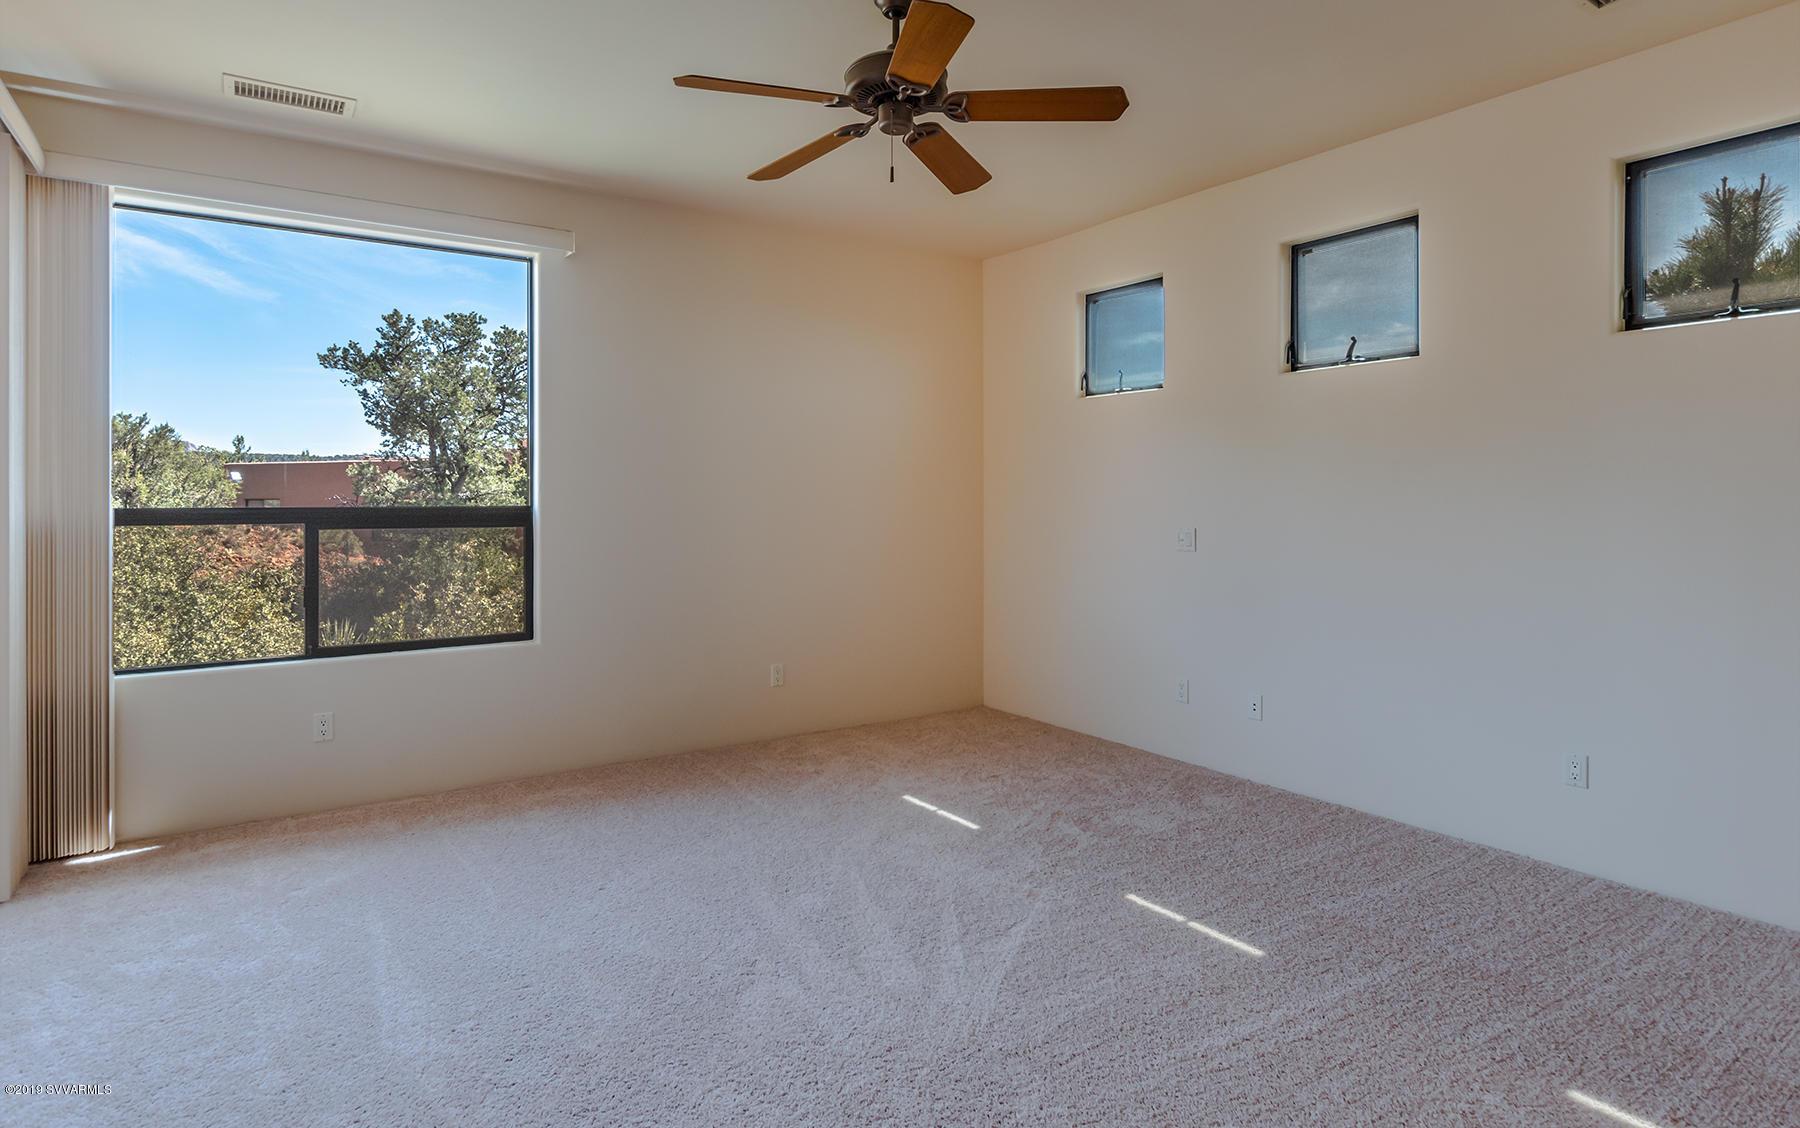 2380 Mule Deer Rd Sedona, AZ 86336